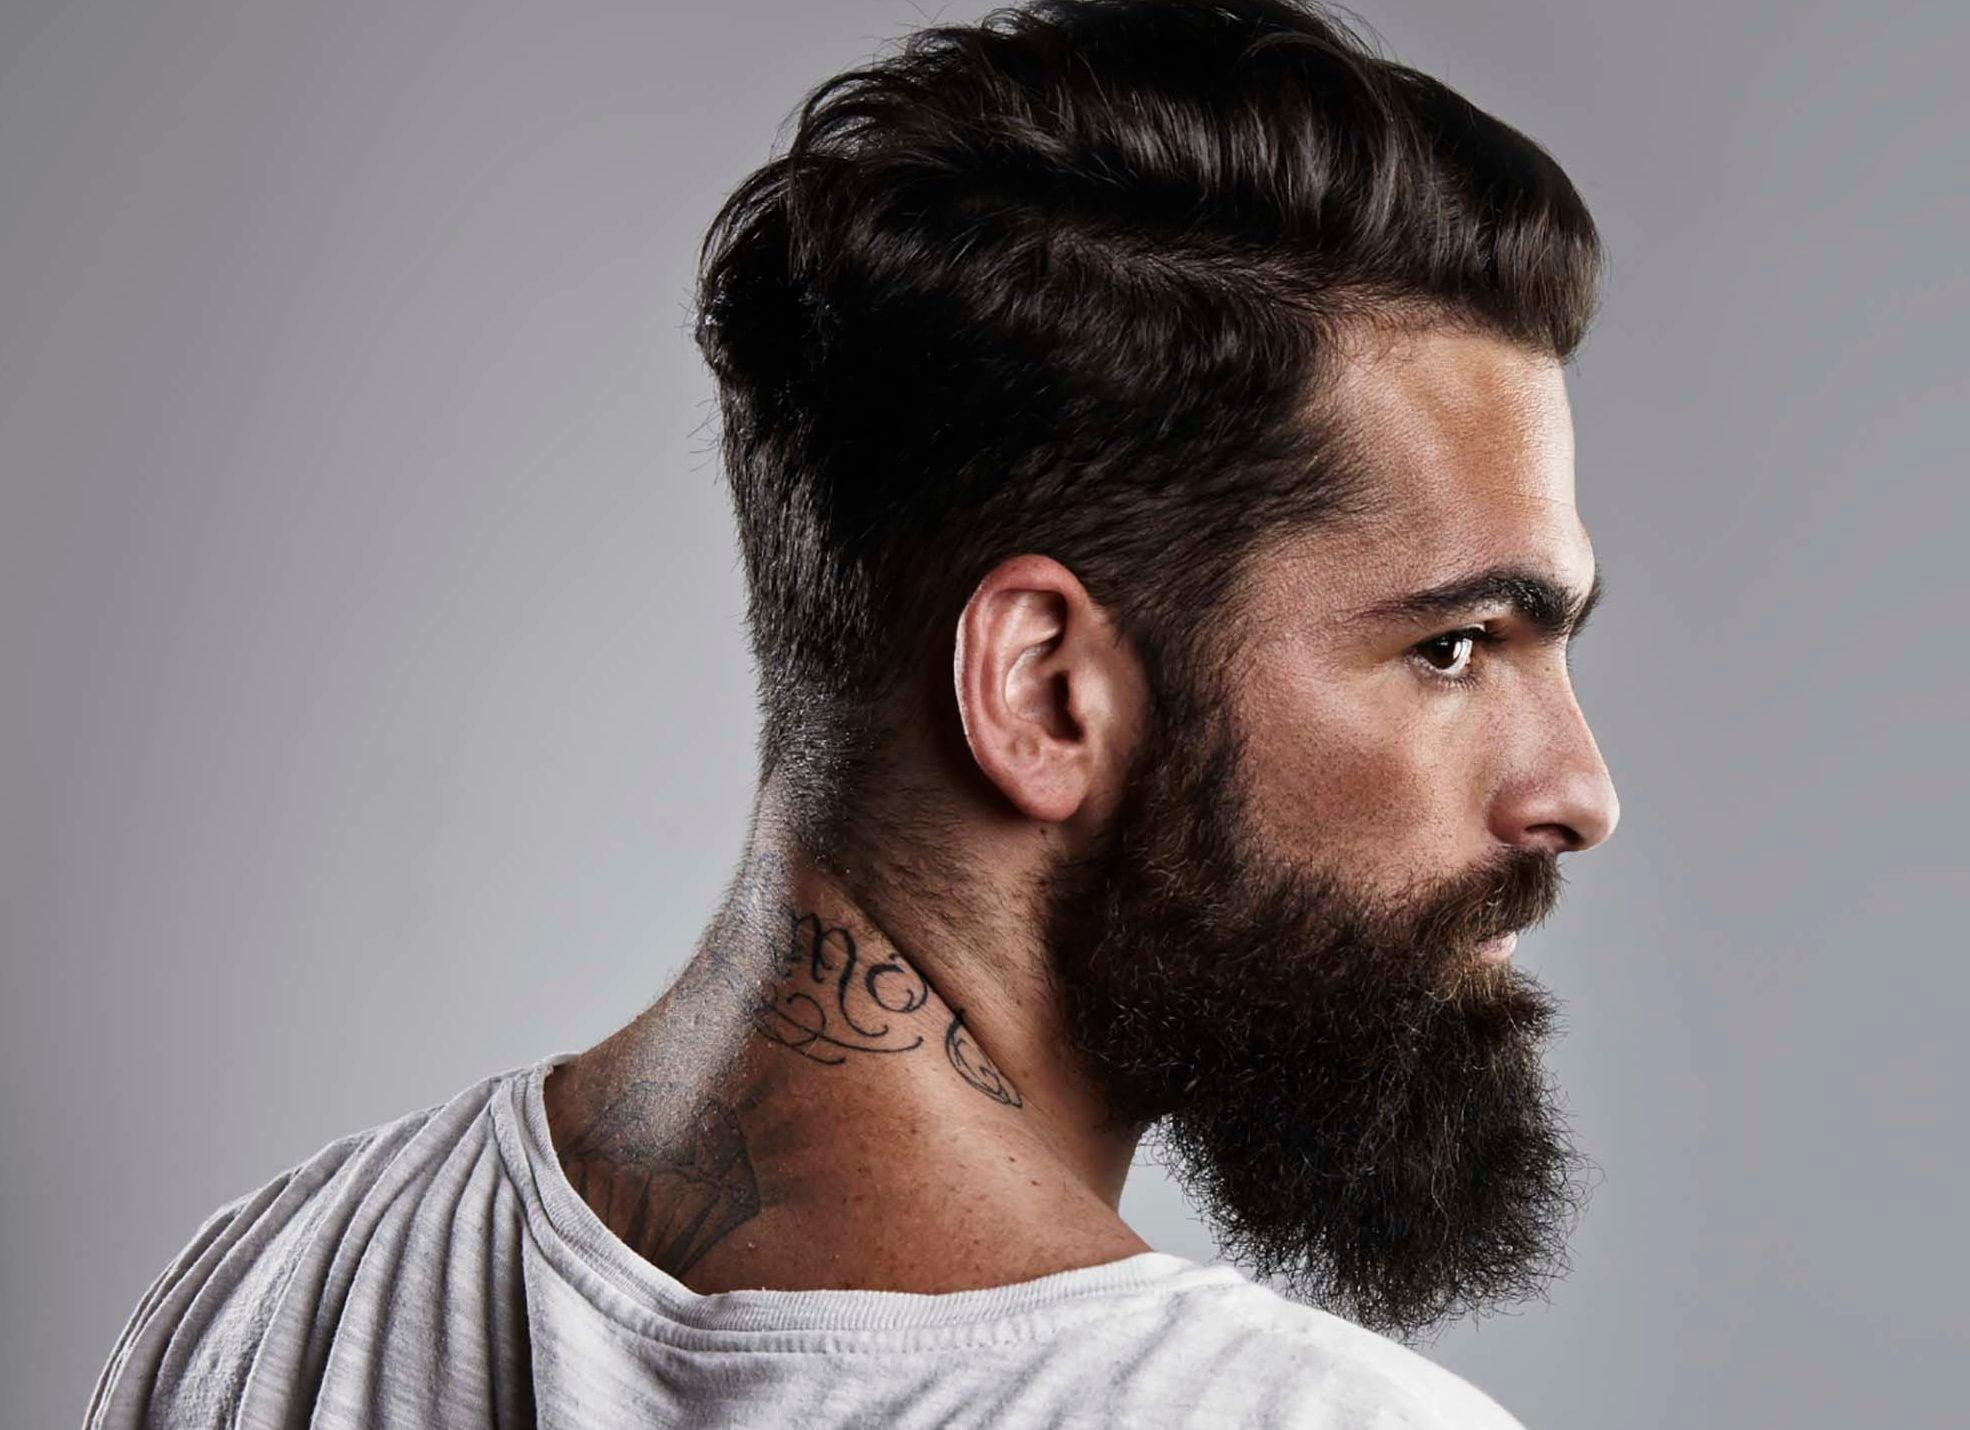 Pintar Barba E Bigode Sim Ou Nao